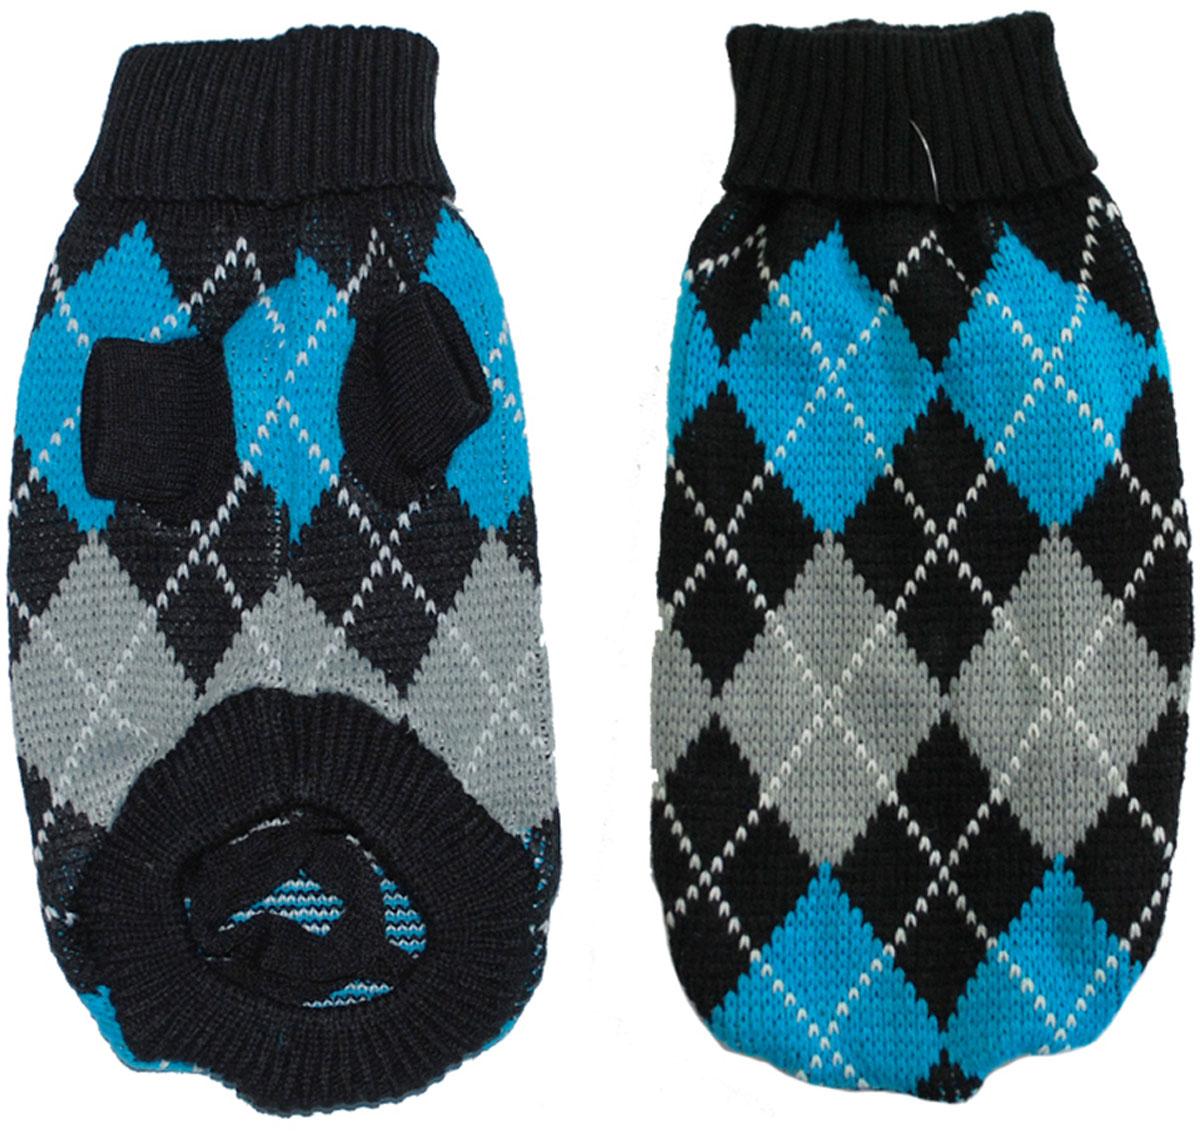 Свитер для собак Уют, унисекс, цвет: черный, синий, серый. НМ24Л. Размер LНМ24ЛКрасивый вязаный свитер для собак Уют выполнен из акрила. Рукава, воротник и низ изделия дополнены эластичными трикотажными резинками для плотного прилегания. Модель декорирована рисунком в виде ромбов. В таком свитере вашей собачке будет тепло и уютно. Обхват шеи: 29-33 см.Обхват груди: 46-54 см.Длина спинки: 35 см.Одежда для собак: нужна ли она и как её выбрать. Статья OZON Гид